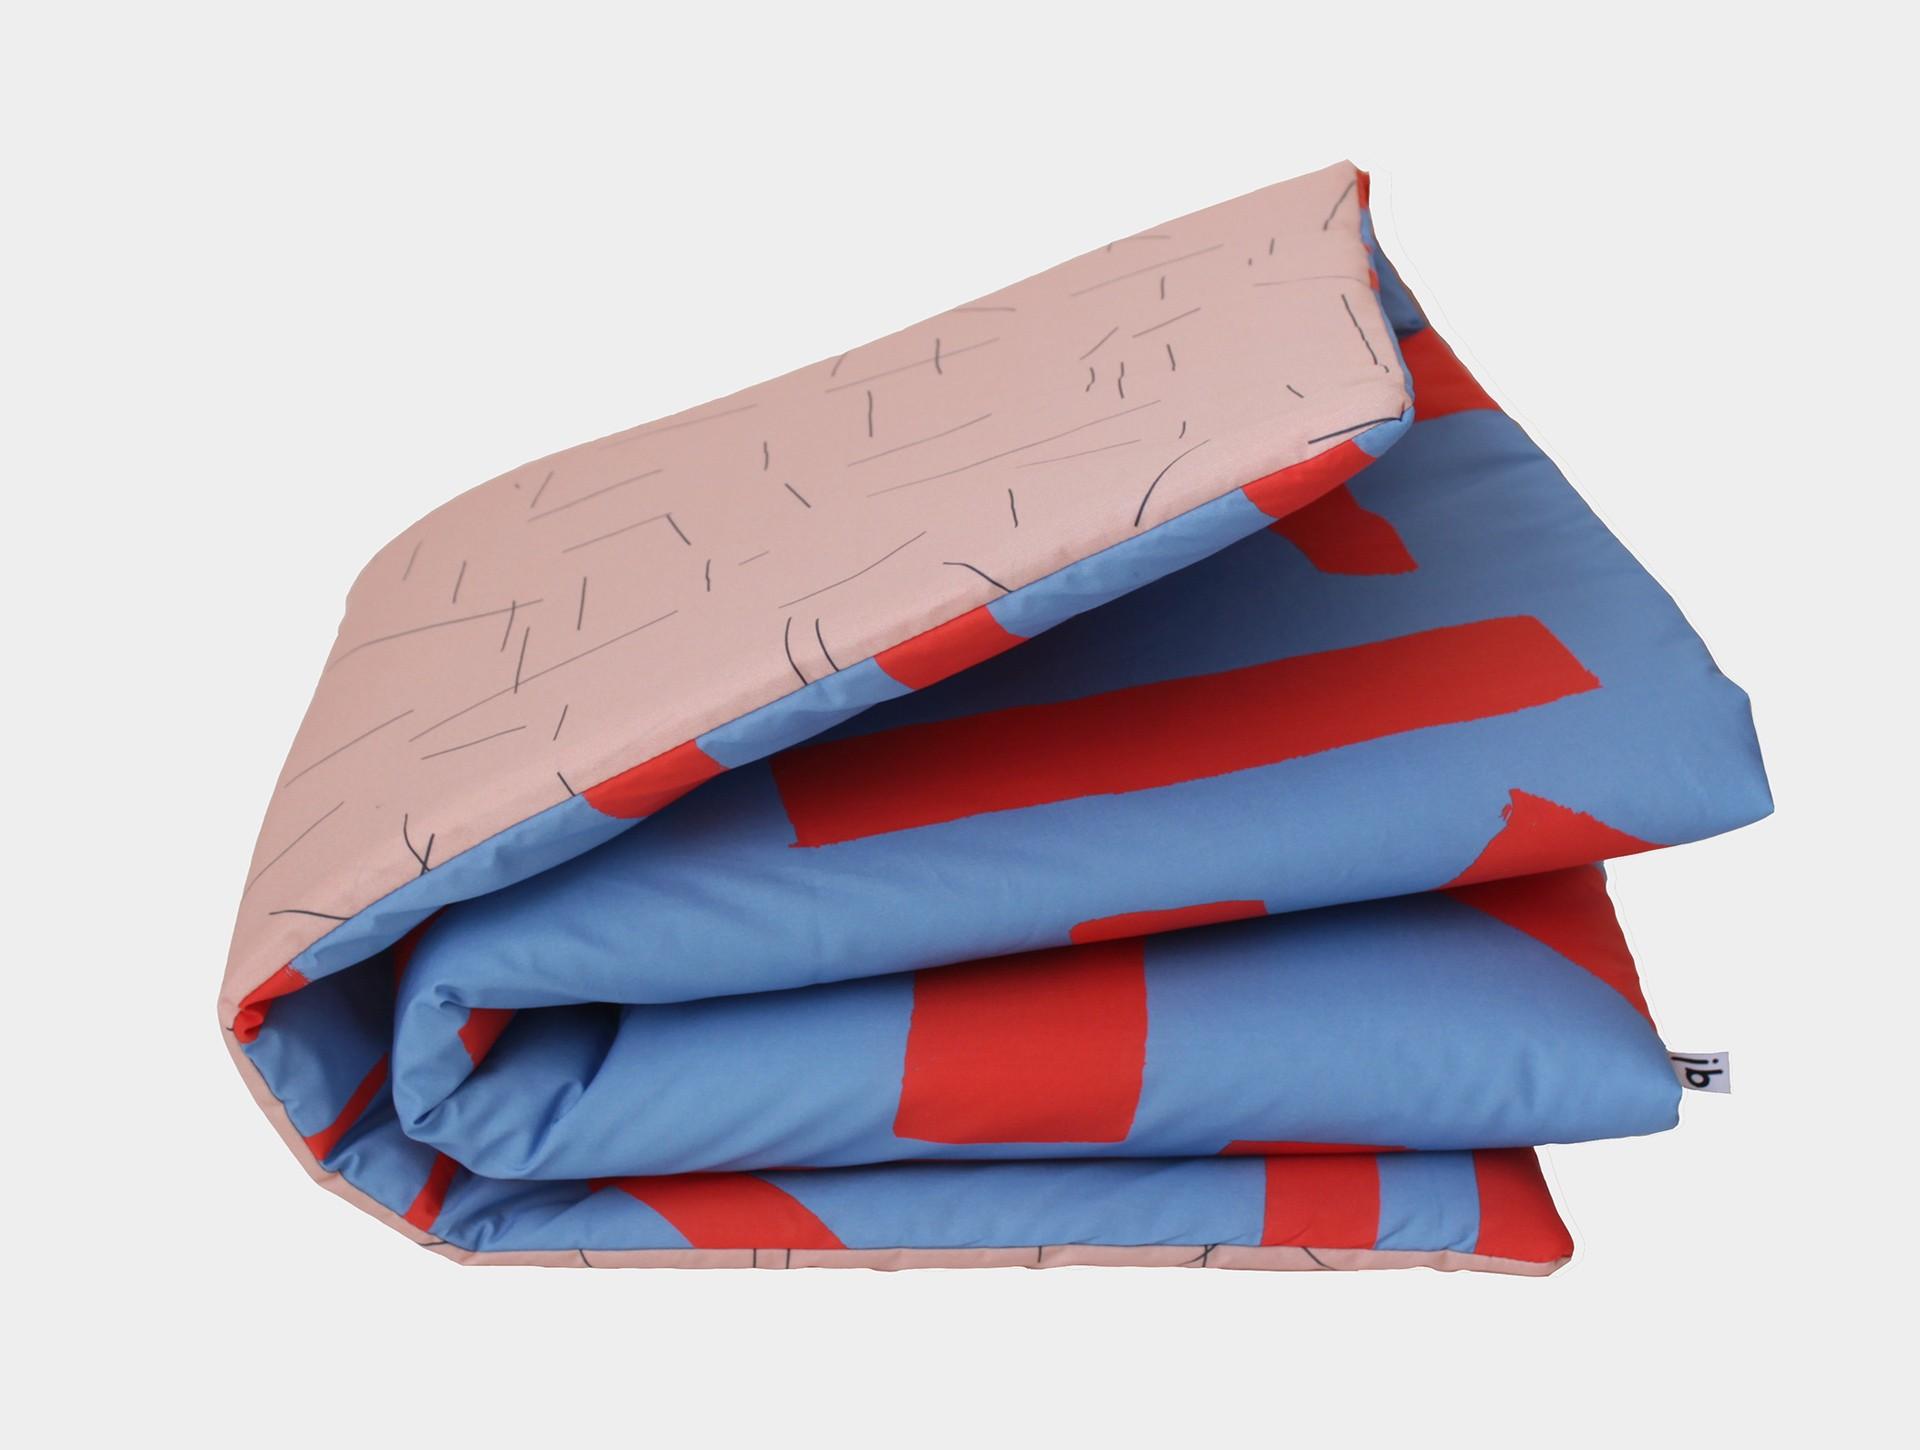 Speelkleed blauw-rood  / roze-donkergroen